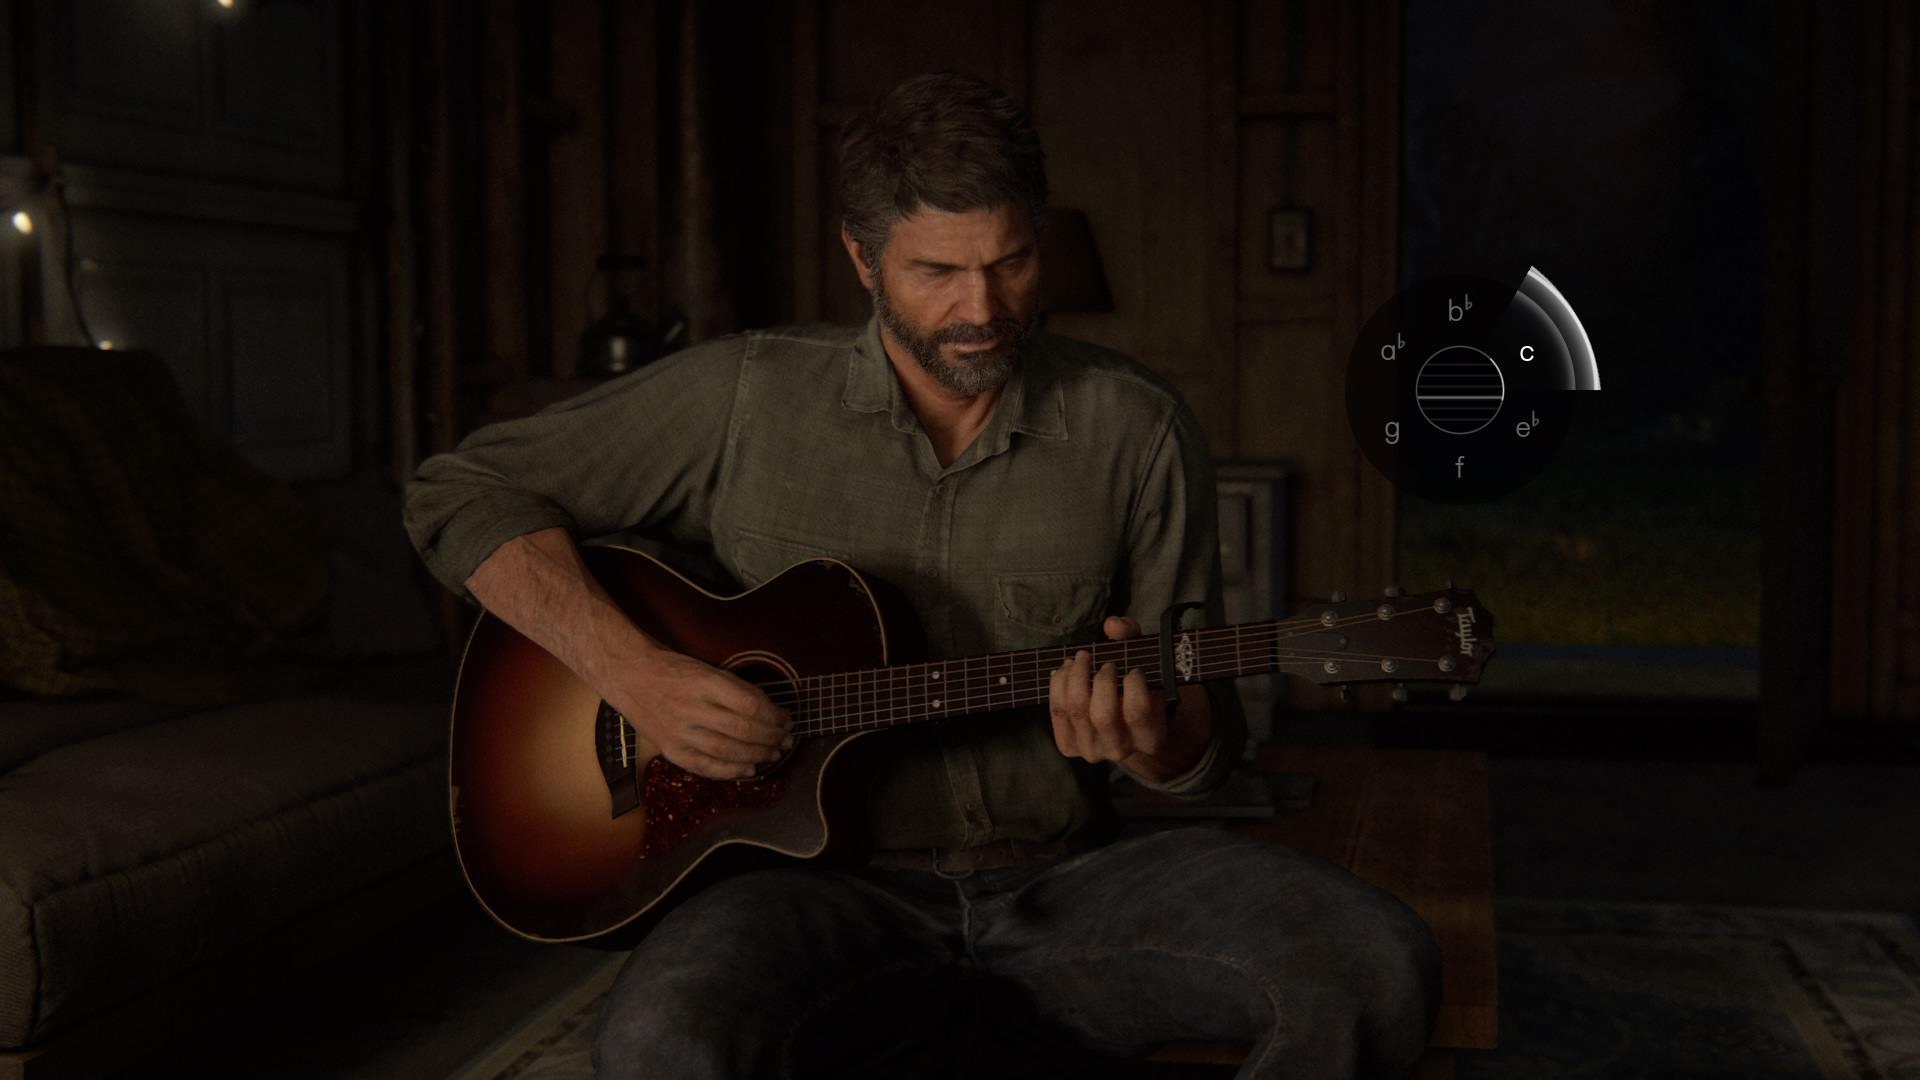 ギターのミニゲーム